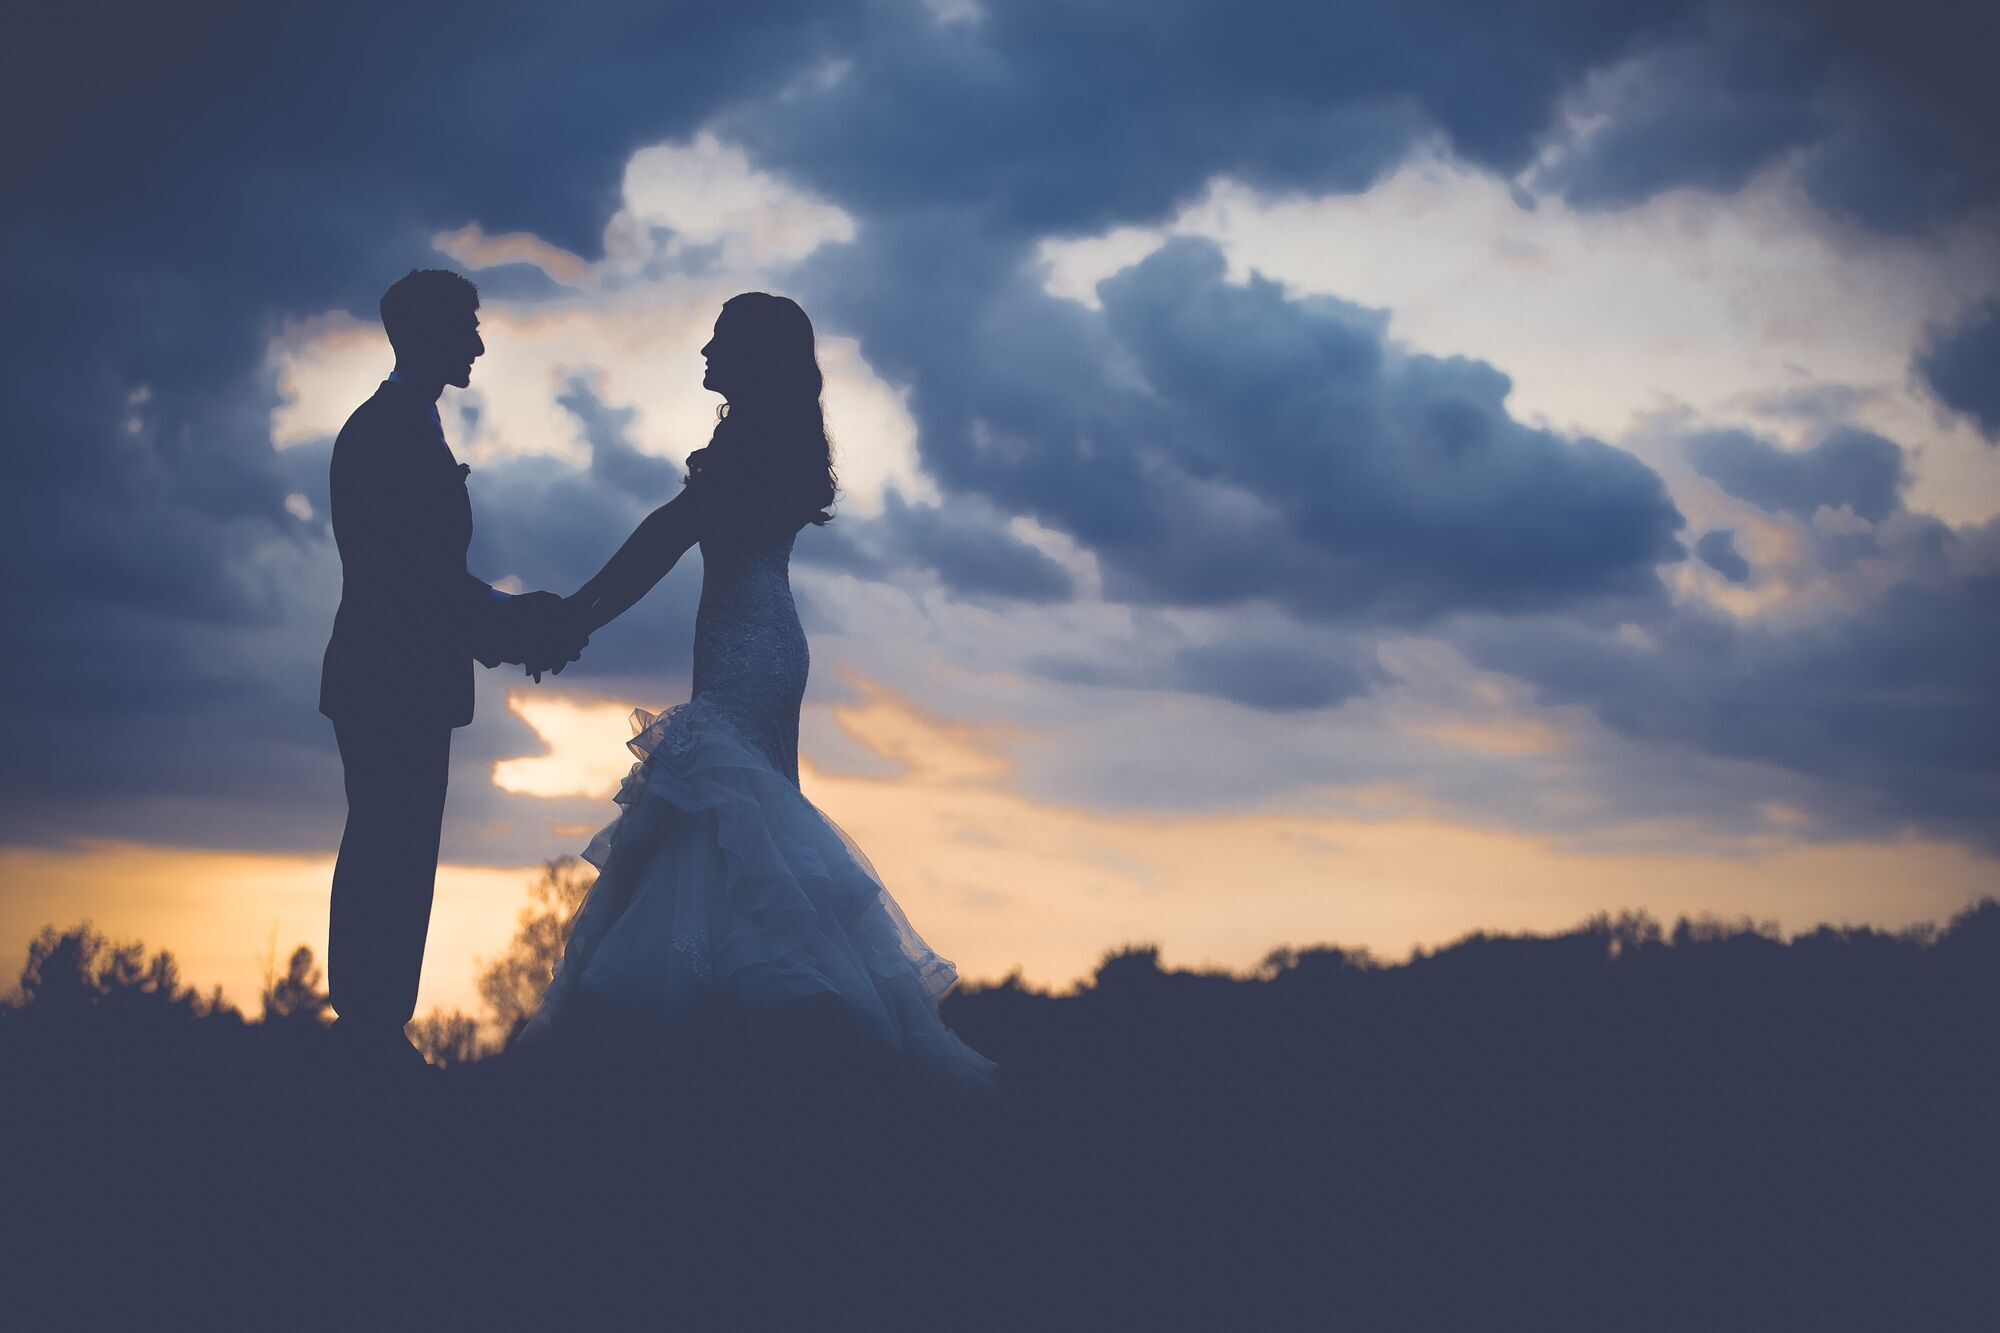 Можно ли играть свадьбу в Успенский пост: во время поста венчания не совершаются